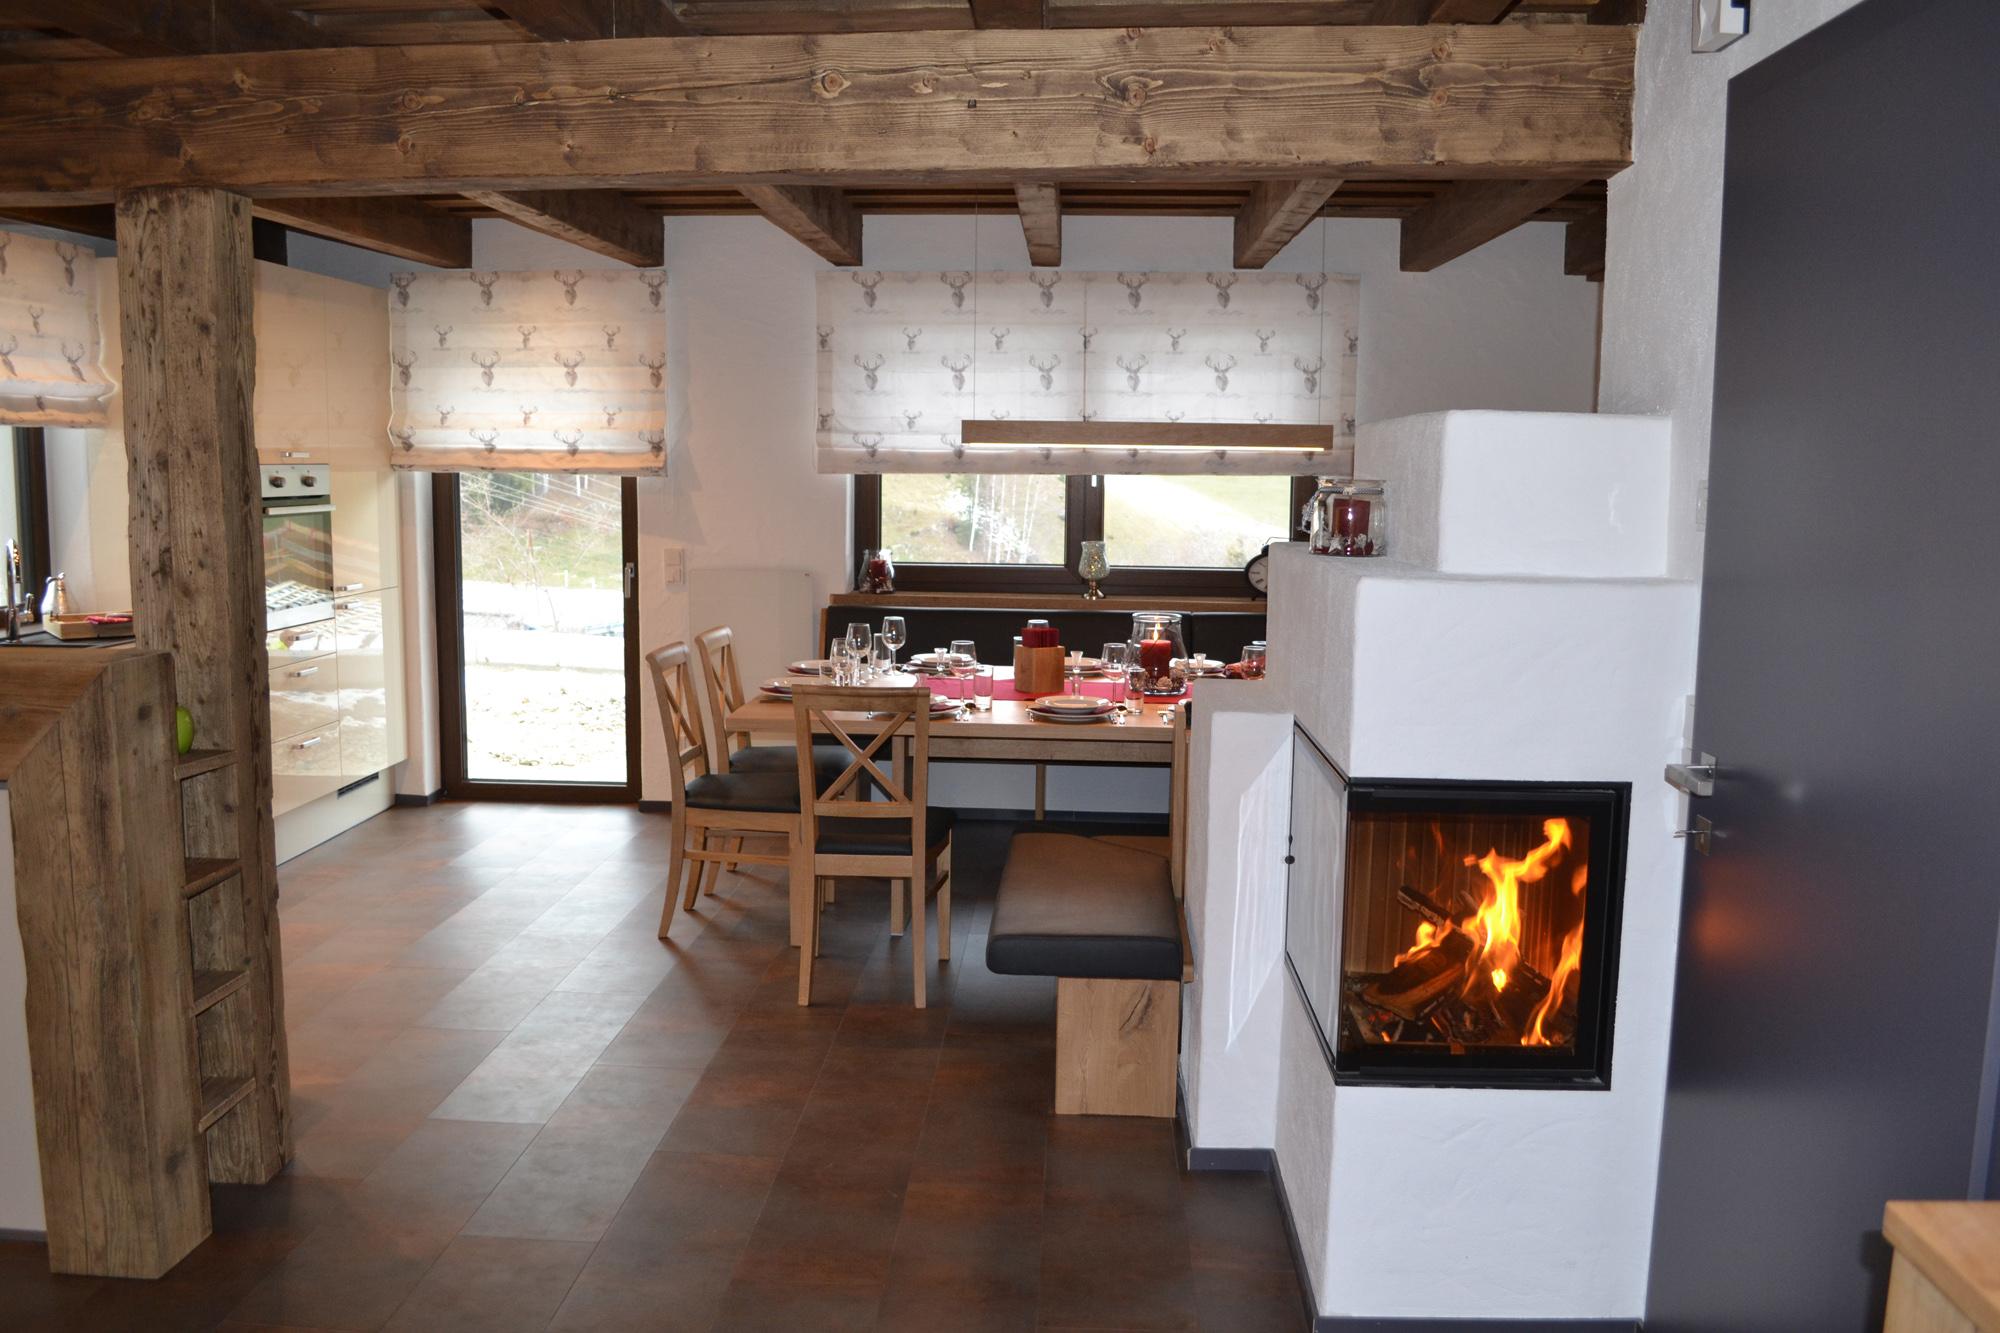 Hüttenurlaub im Winter in Forstau Bild 2